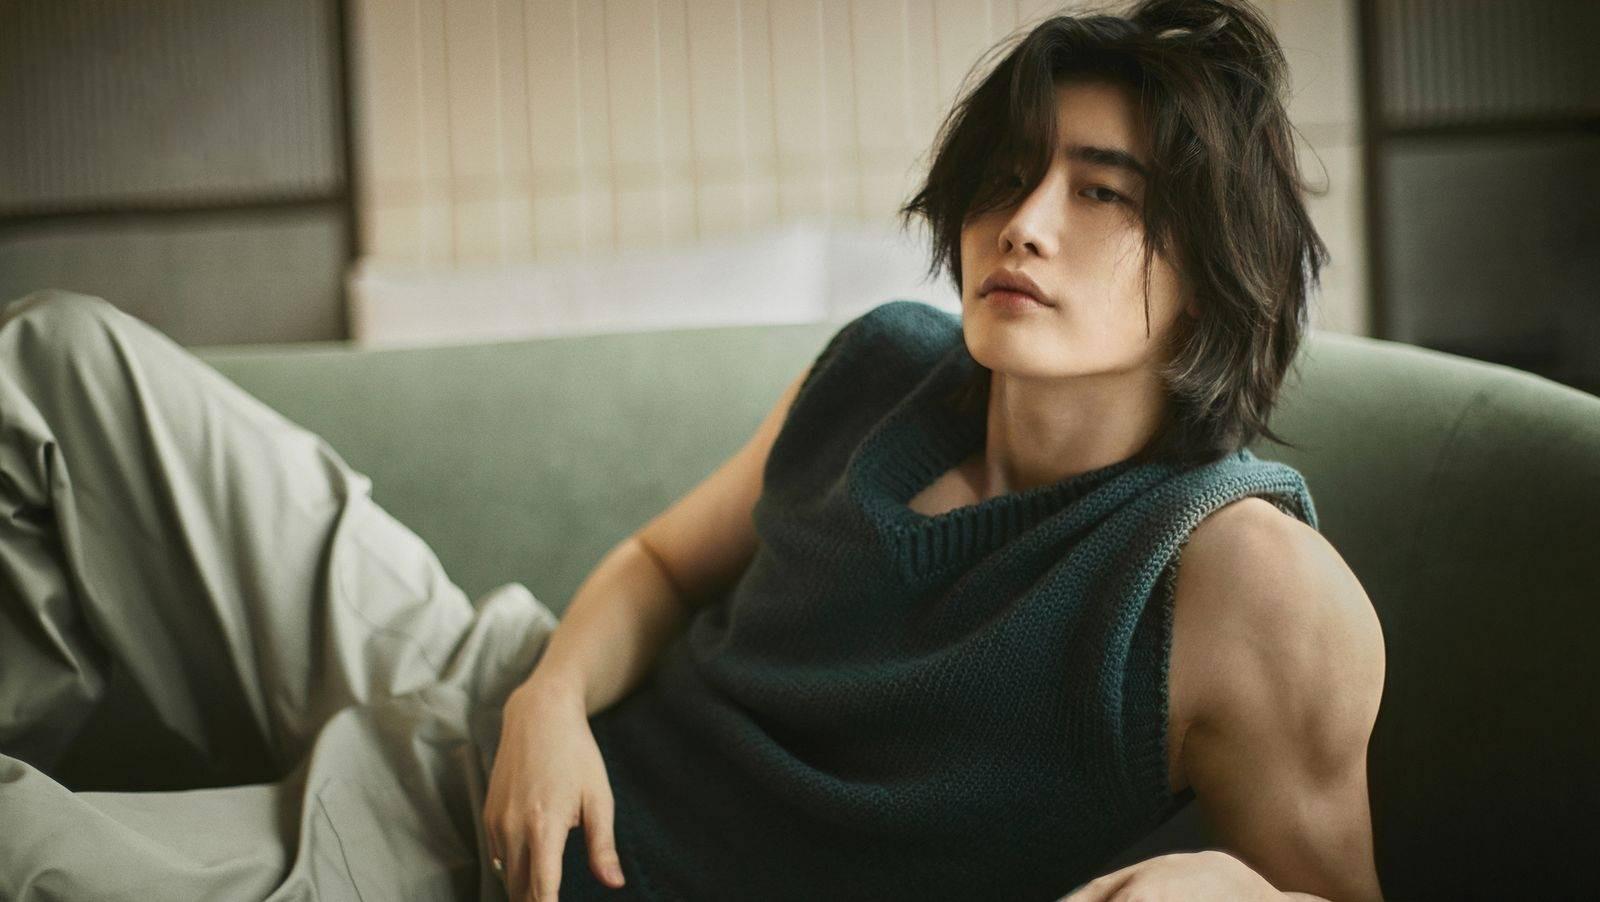 退伍後首次公開出道11年的演員心境,李鍾碩:「既然決定要做就要做到最好,不要成爲對自己感到羞愧的人」